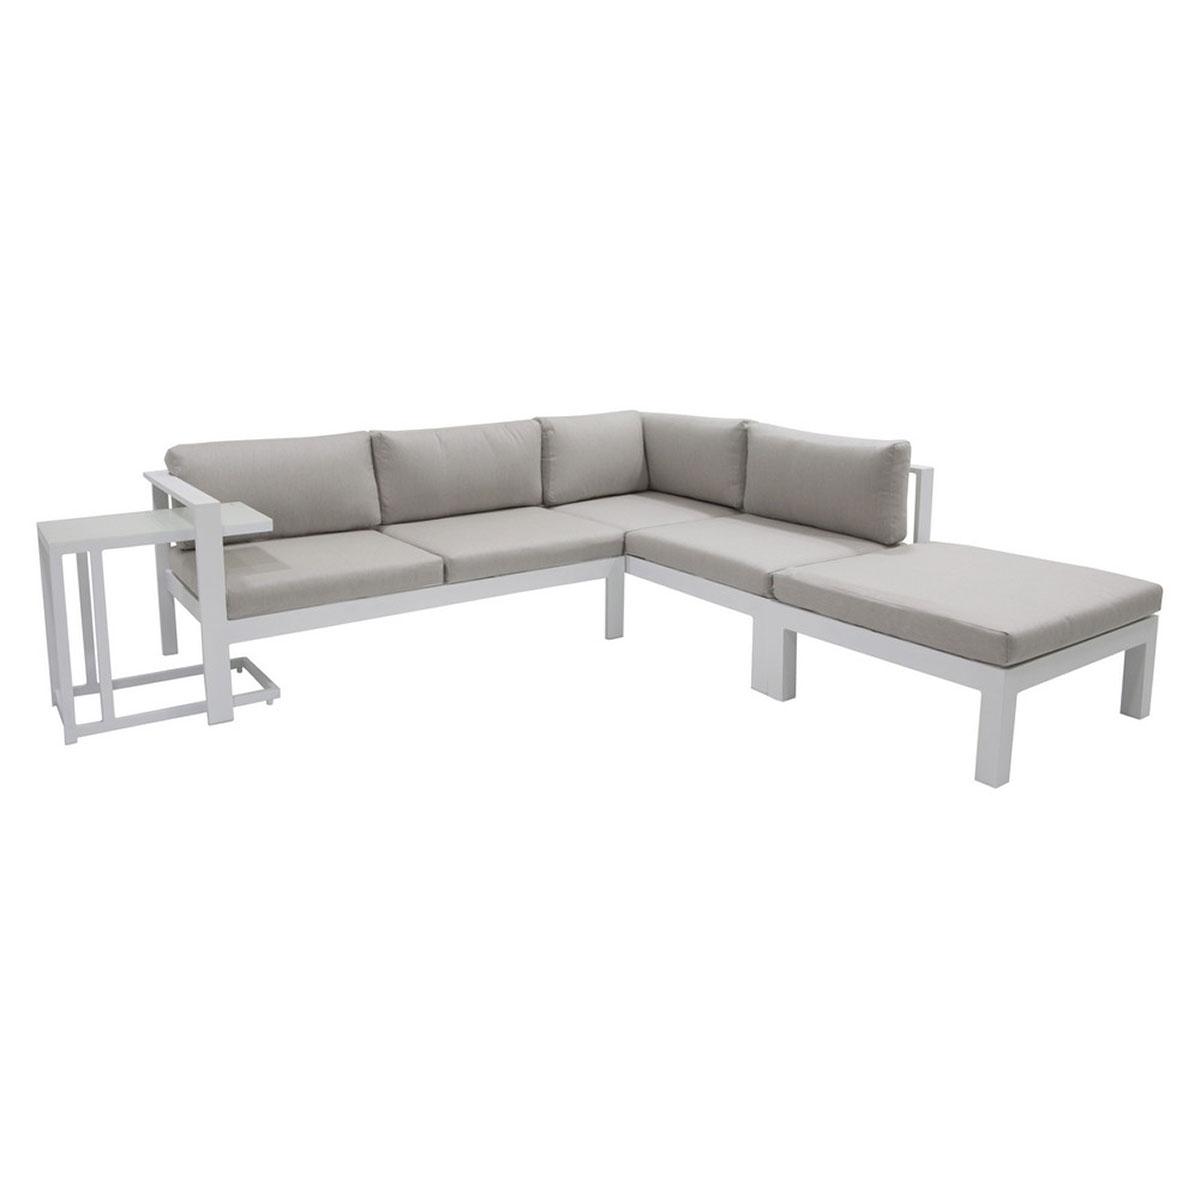 Canapé d'angle avec table latérale - Gris - 147.00 cm x 224.00 cm x 65.50 cm